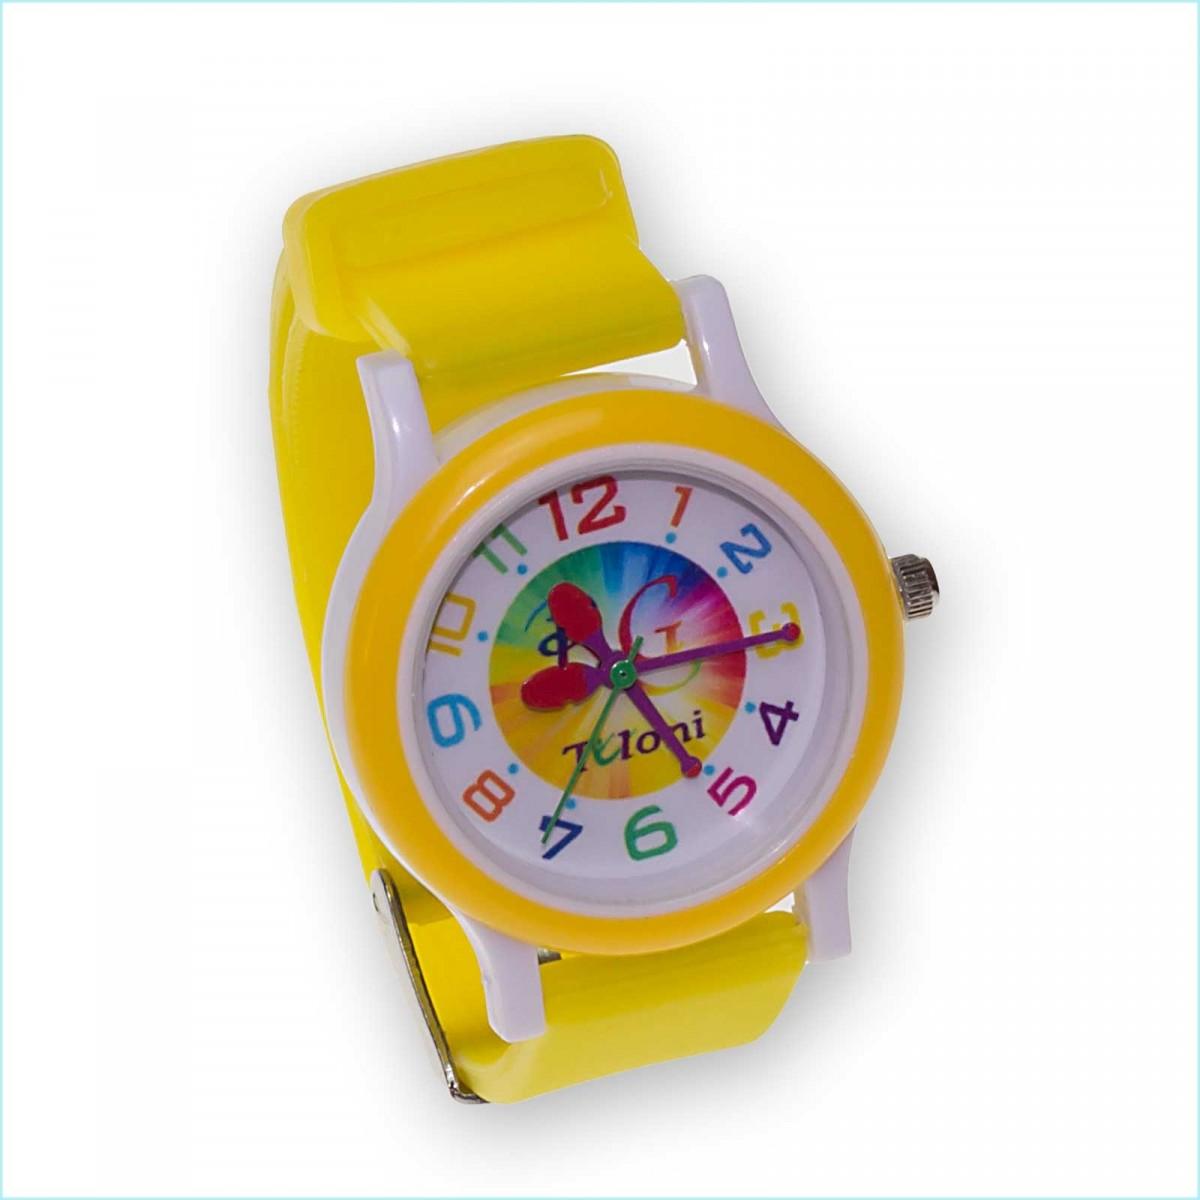 Часы Tuloni модель#3 ремешок#1 цвет Желтый Артикул T0203-1Y